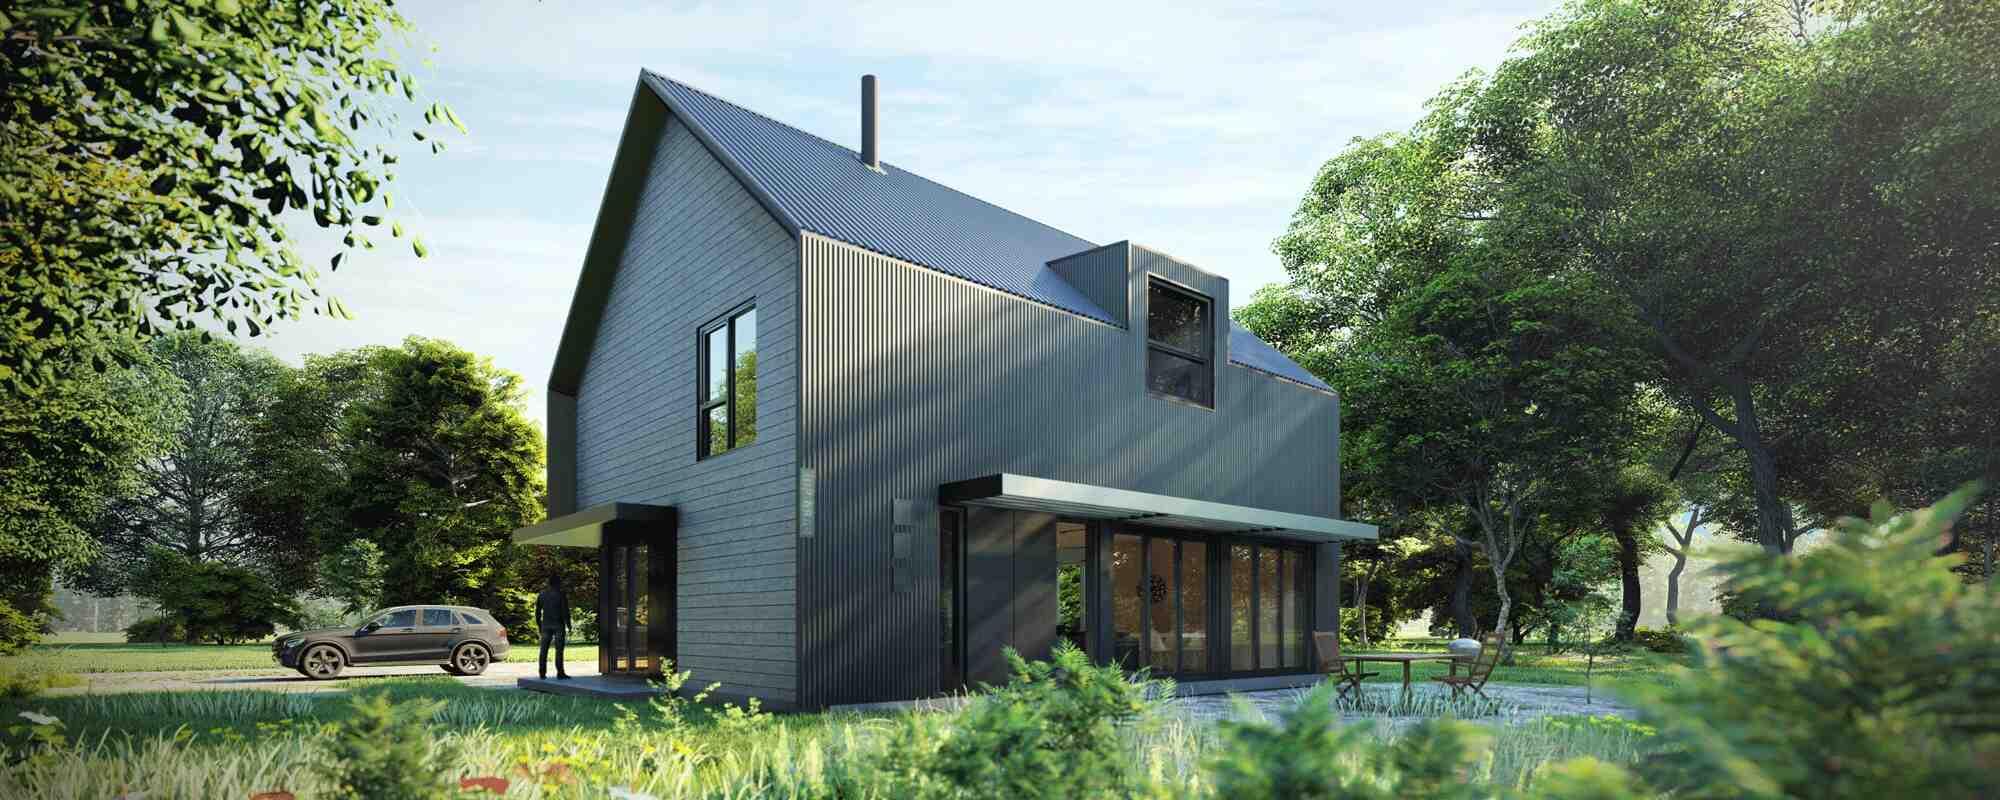 Est-il nécessaire d'avoir un système de chauffage dans une maison bioclimatique?